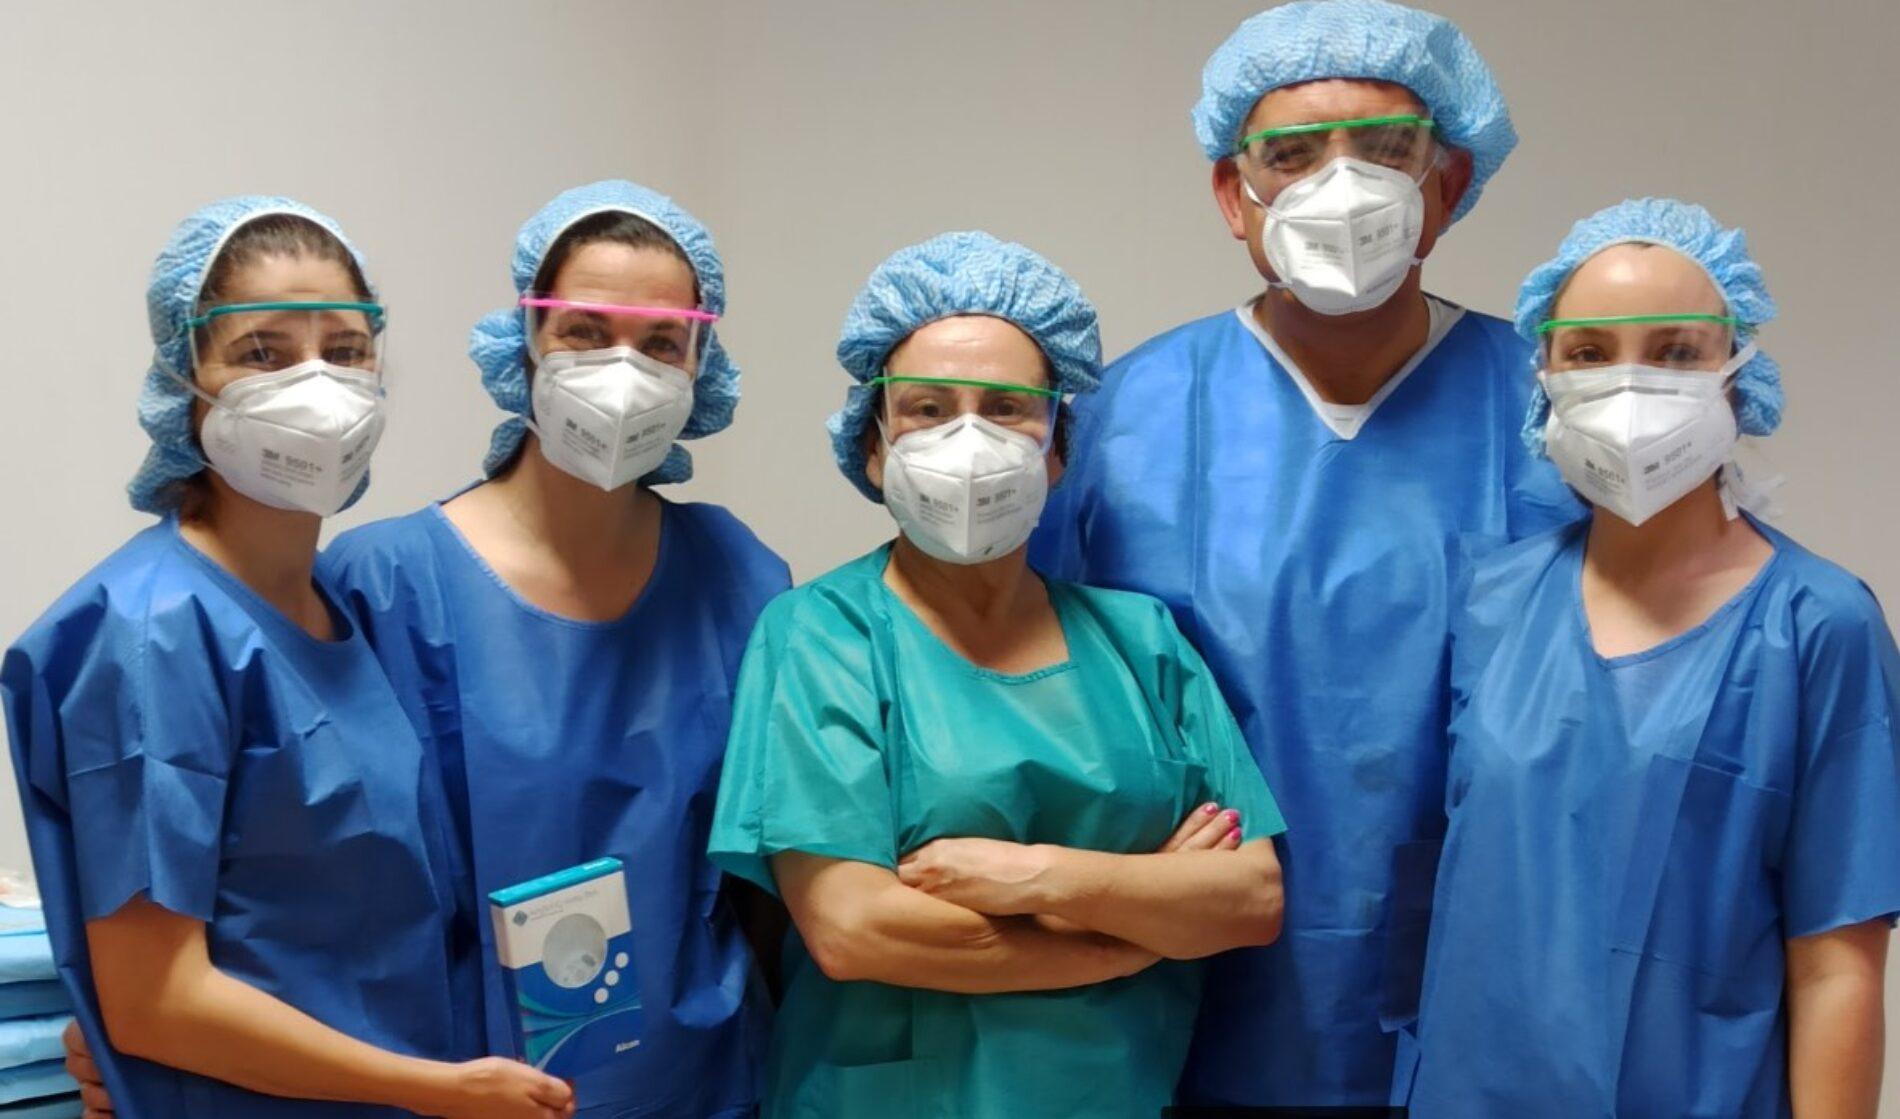 Cirurgiões de Coimbra realizam primeira intervenção que permite ao doentes dispensaro uso de óculos em quase todas as situações